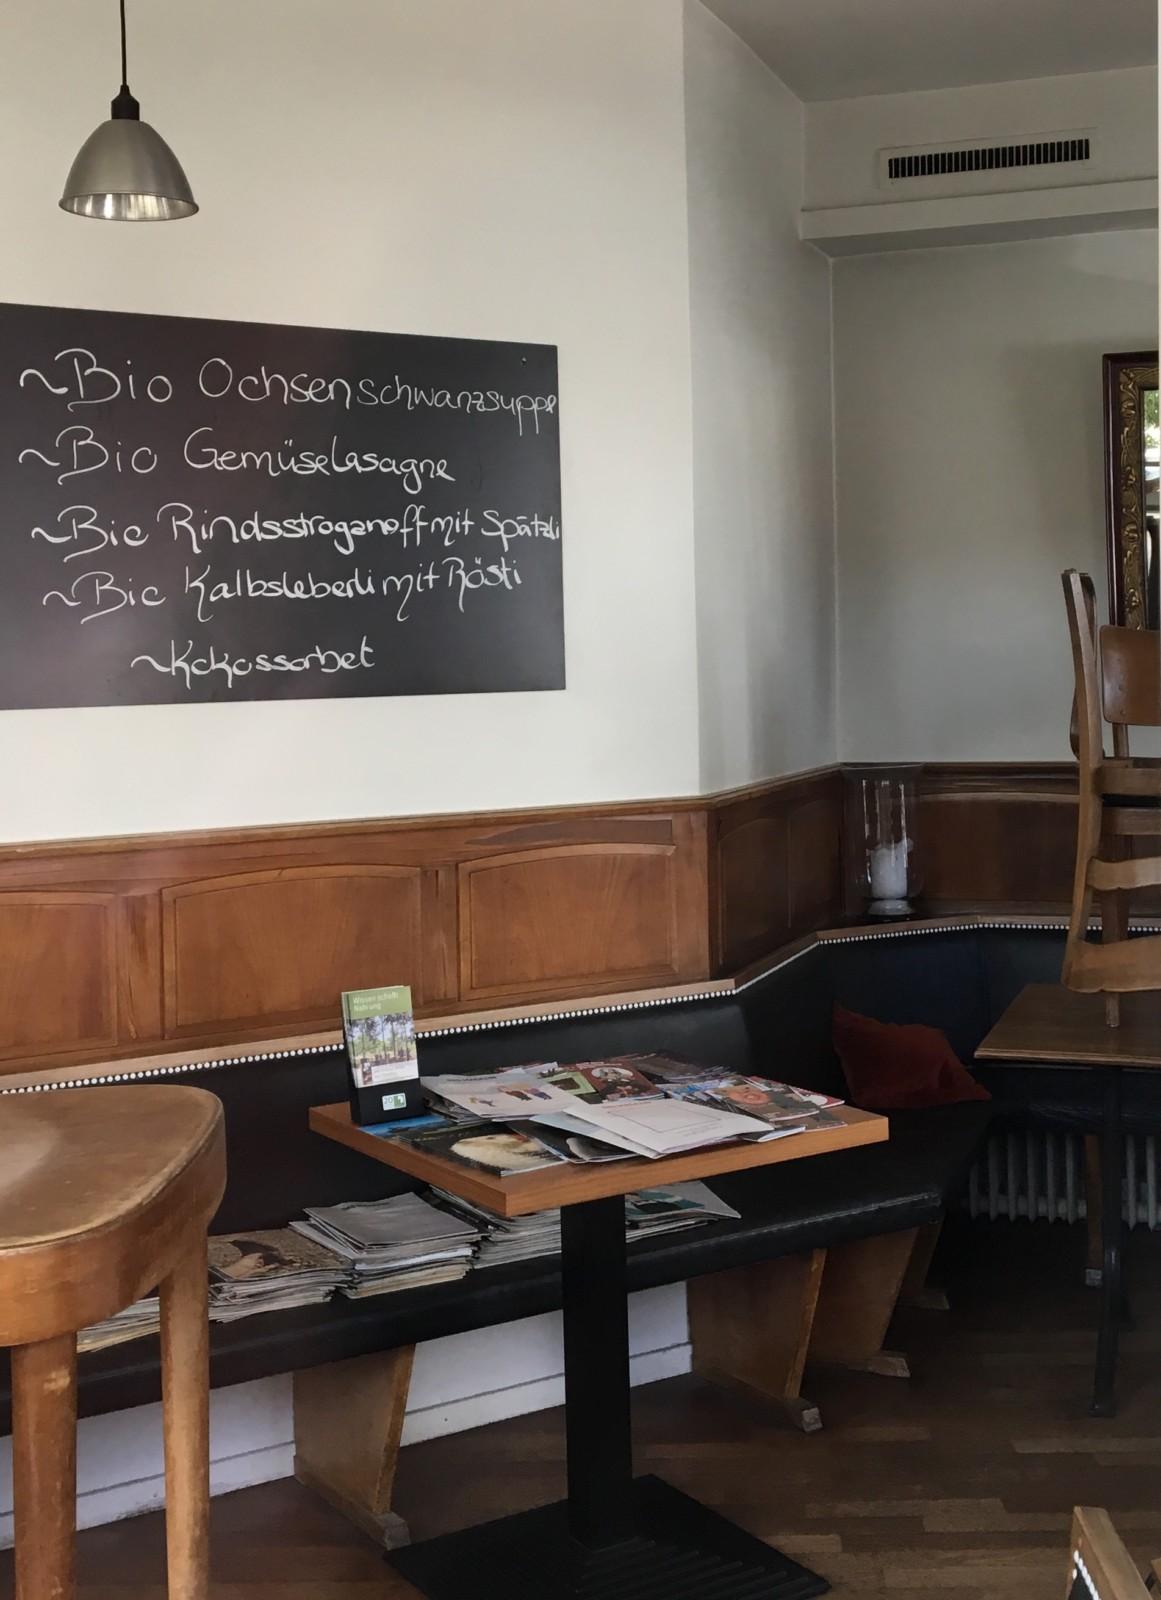 Das Bio-Restaurant Tüfi setzt auf elegante Gemütlichkeit. Foto: Lunchgate/Simone